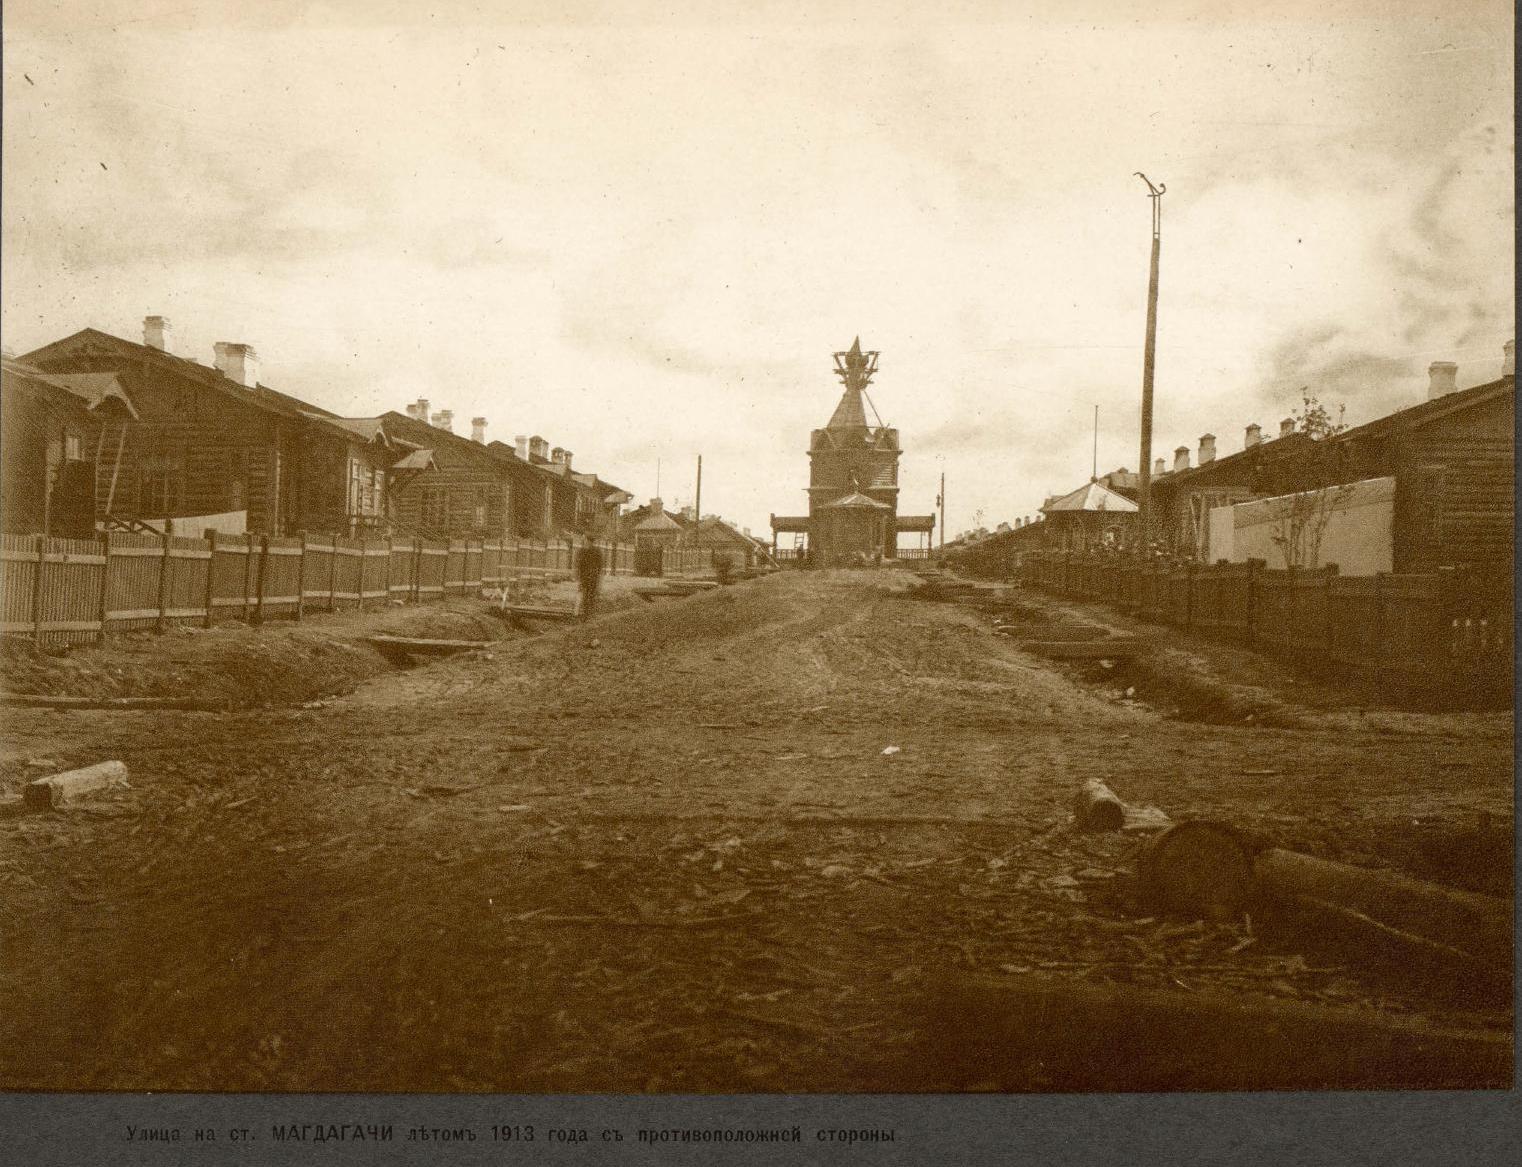 131 верста. Станция Магдагачи. Улица летом 1913 с противоположной стороны